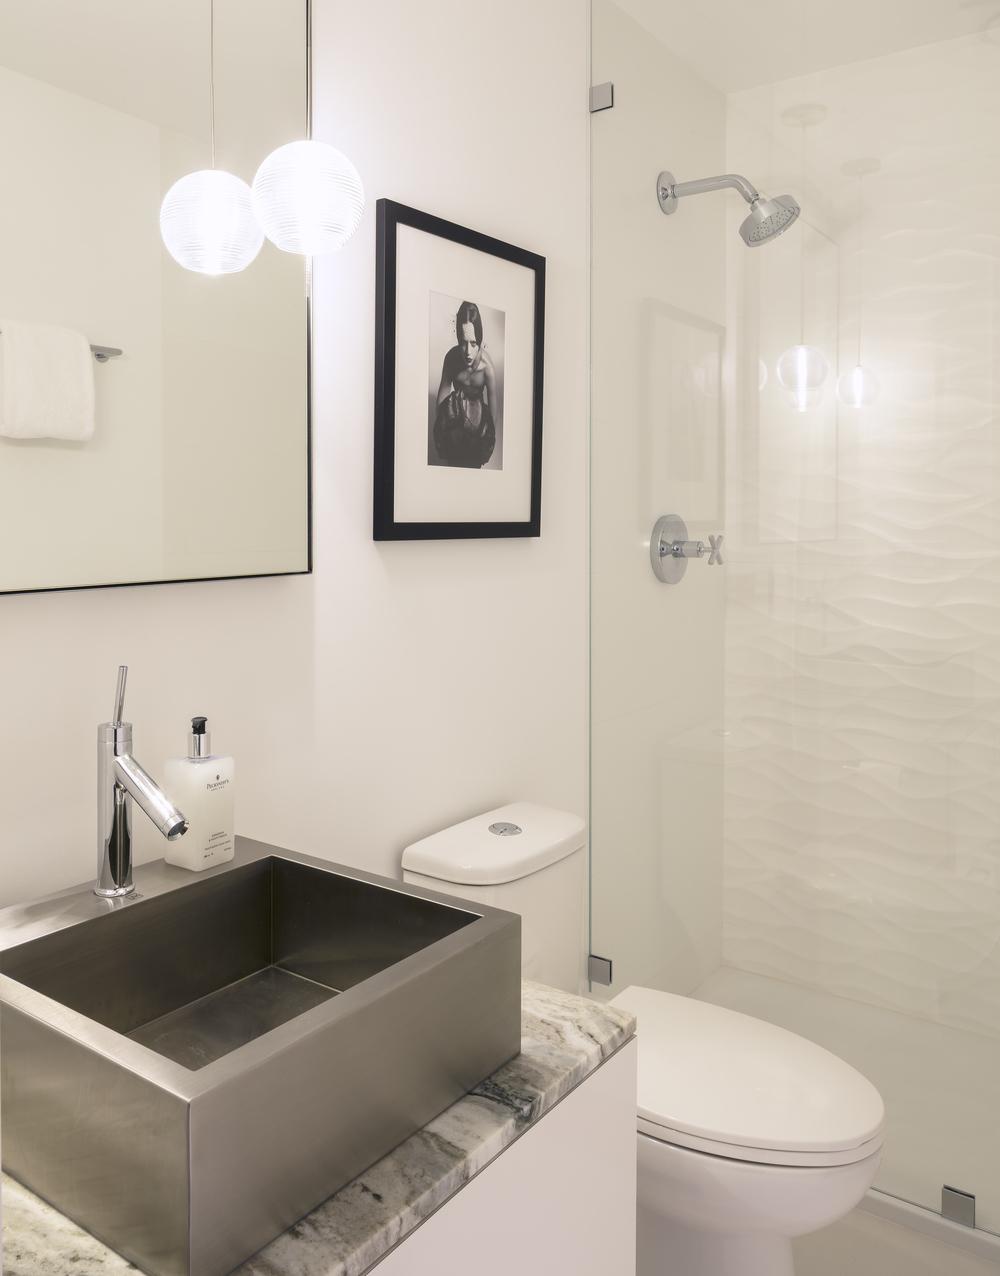 Scott_St_G_Bathroom_02.jpg